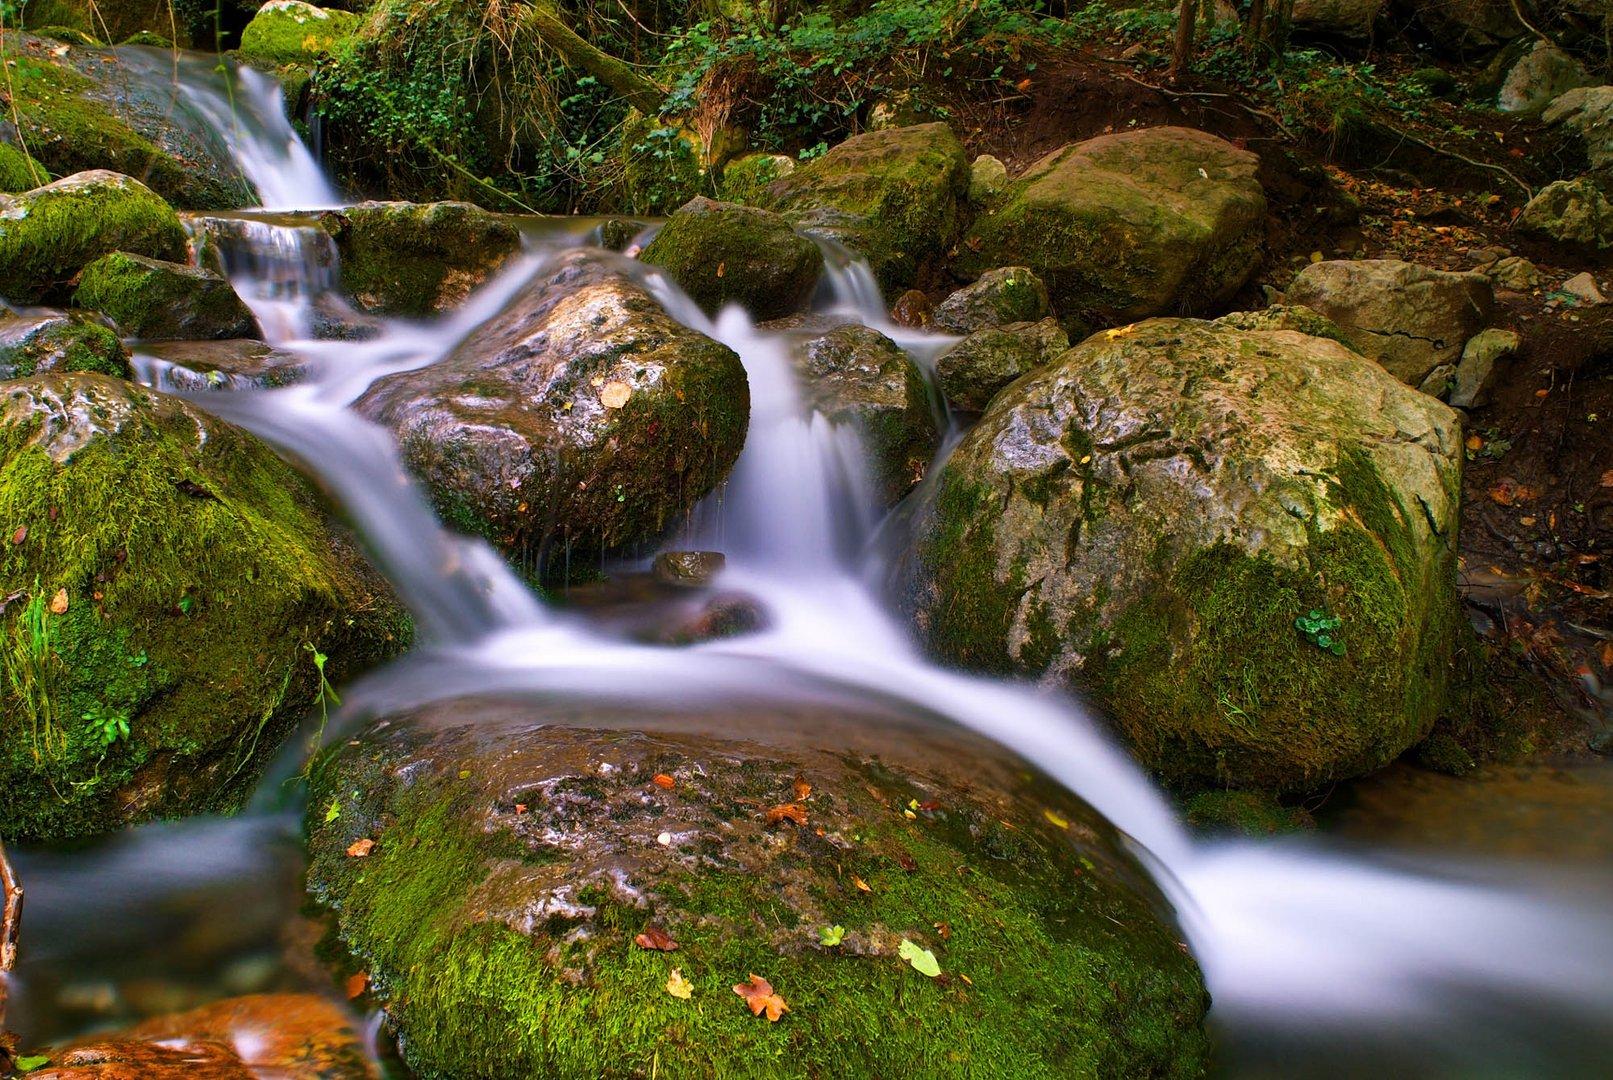 Agua corriente y cristalina